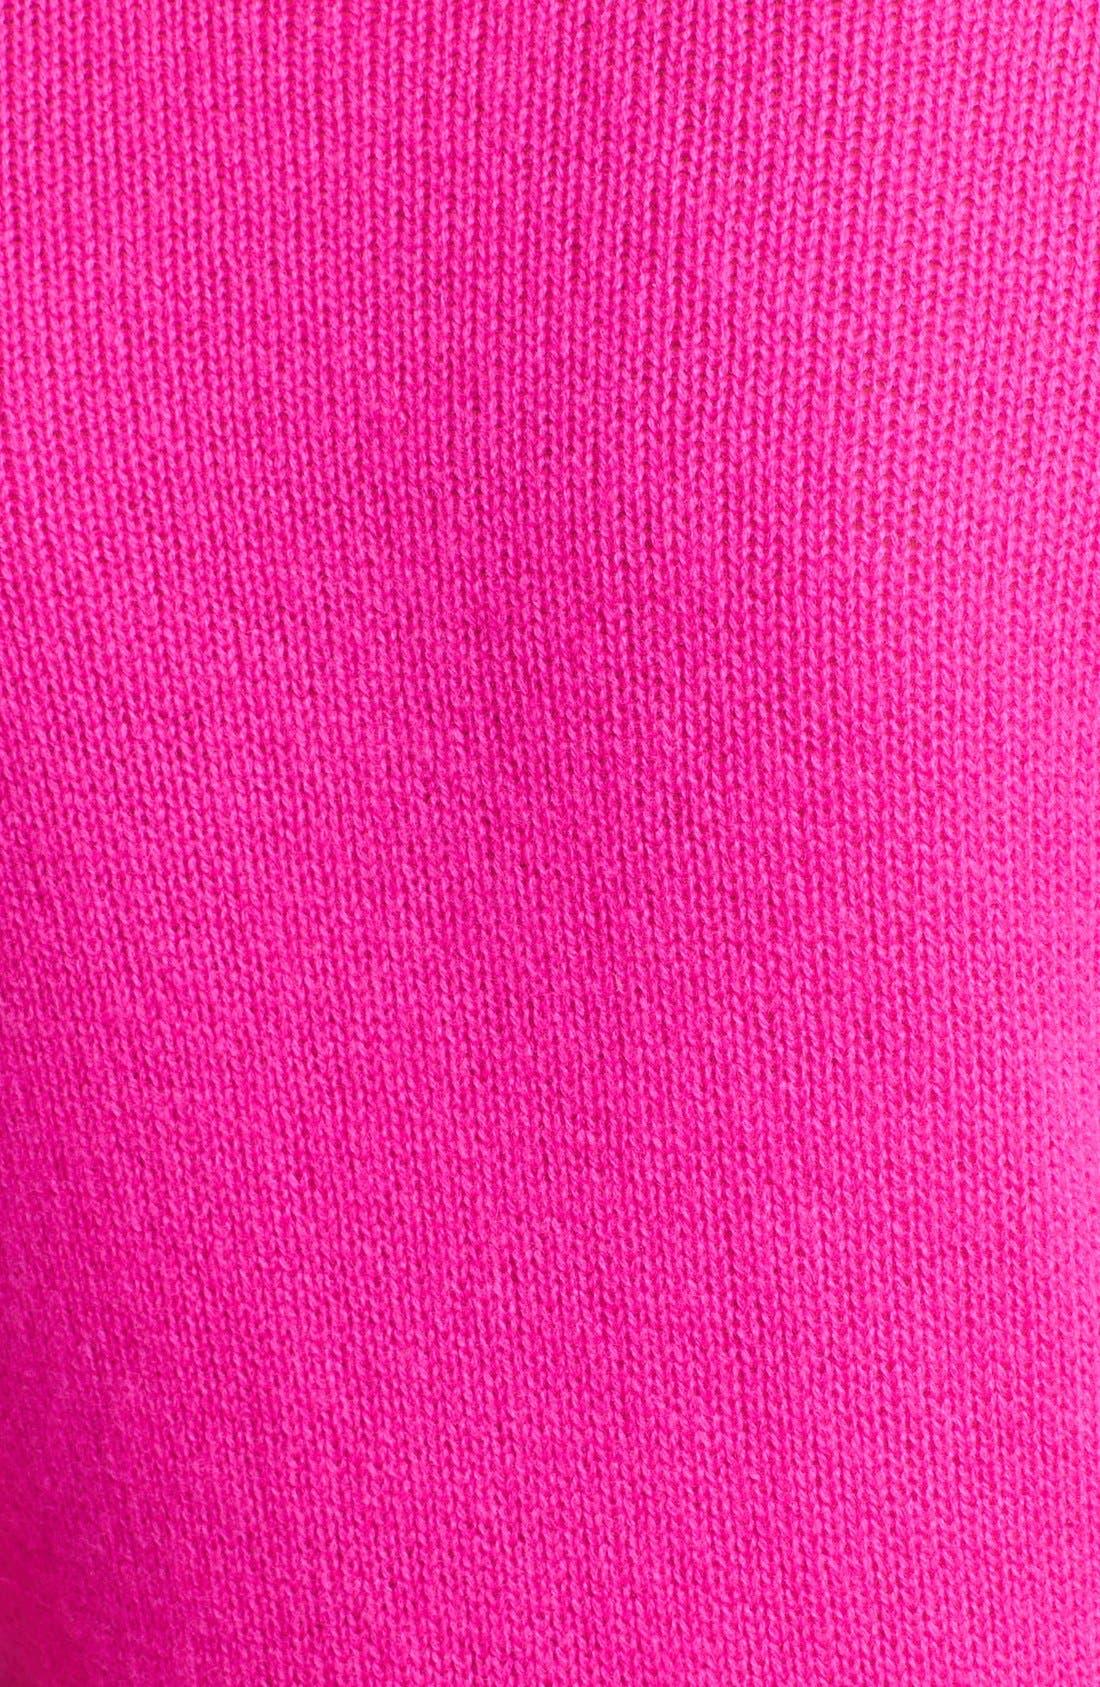 Alternate Image 3  - Diane von Furstenberg 'Niseko' Cashmere Sweater